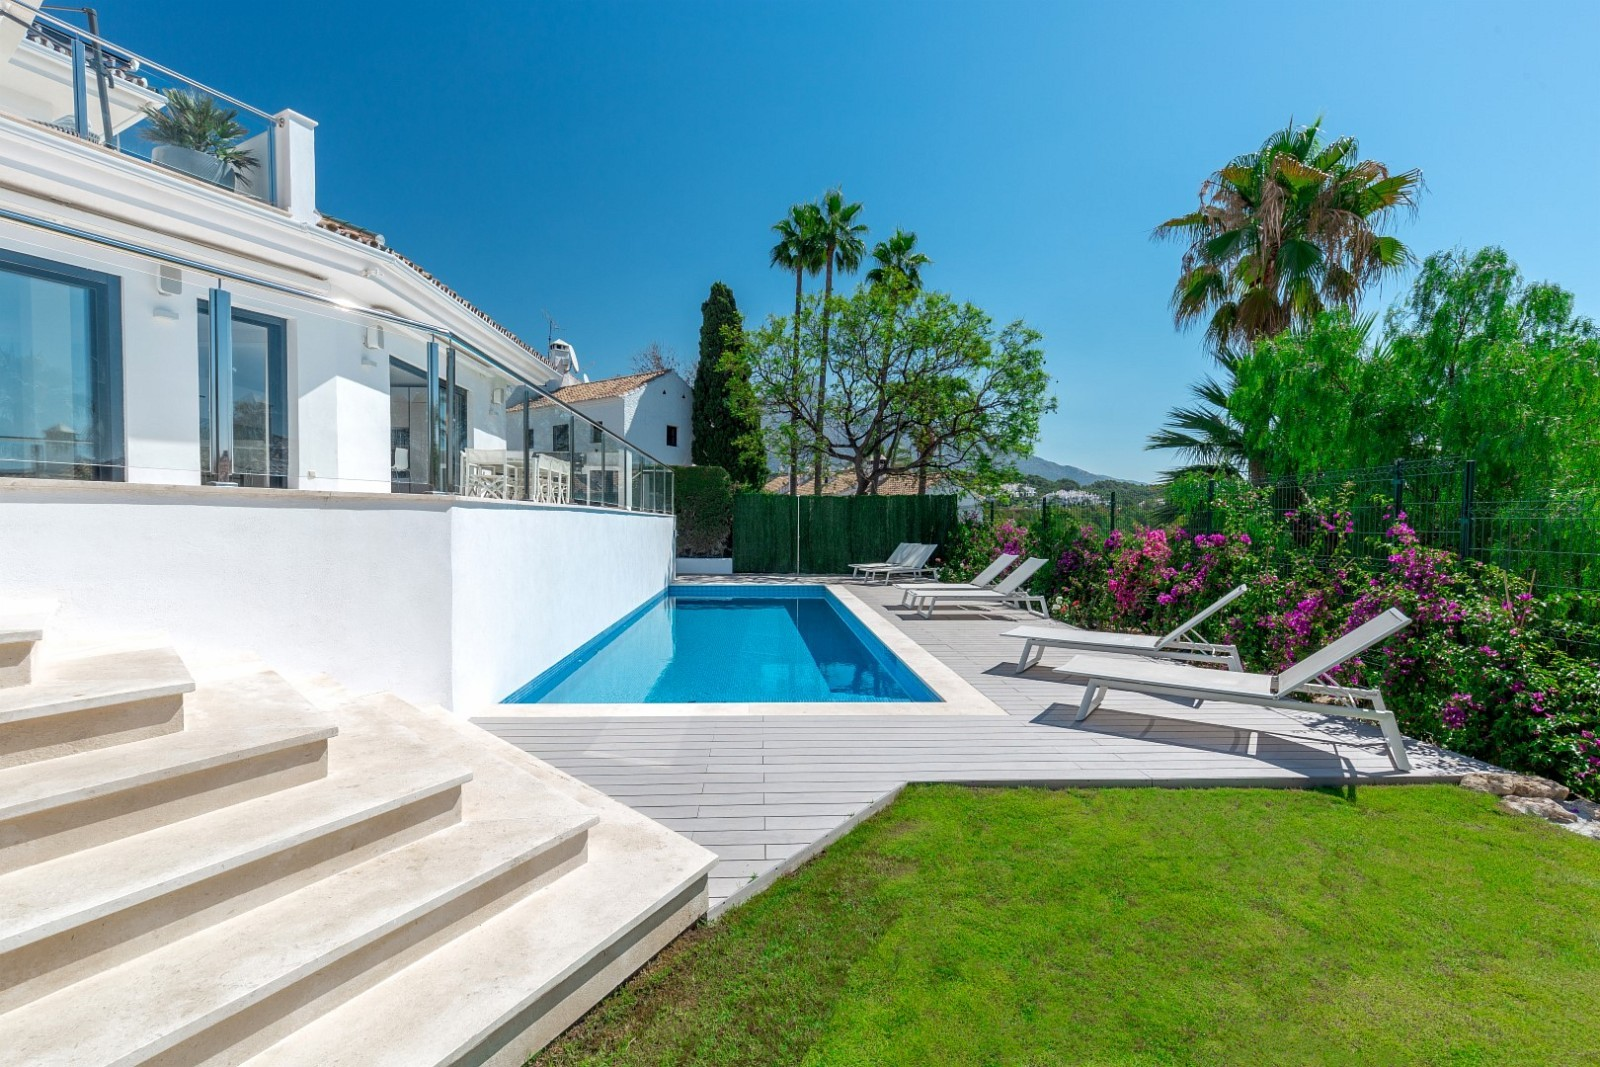 6 Bedroom Villa Nueva Andalucía